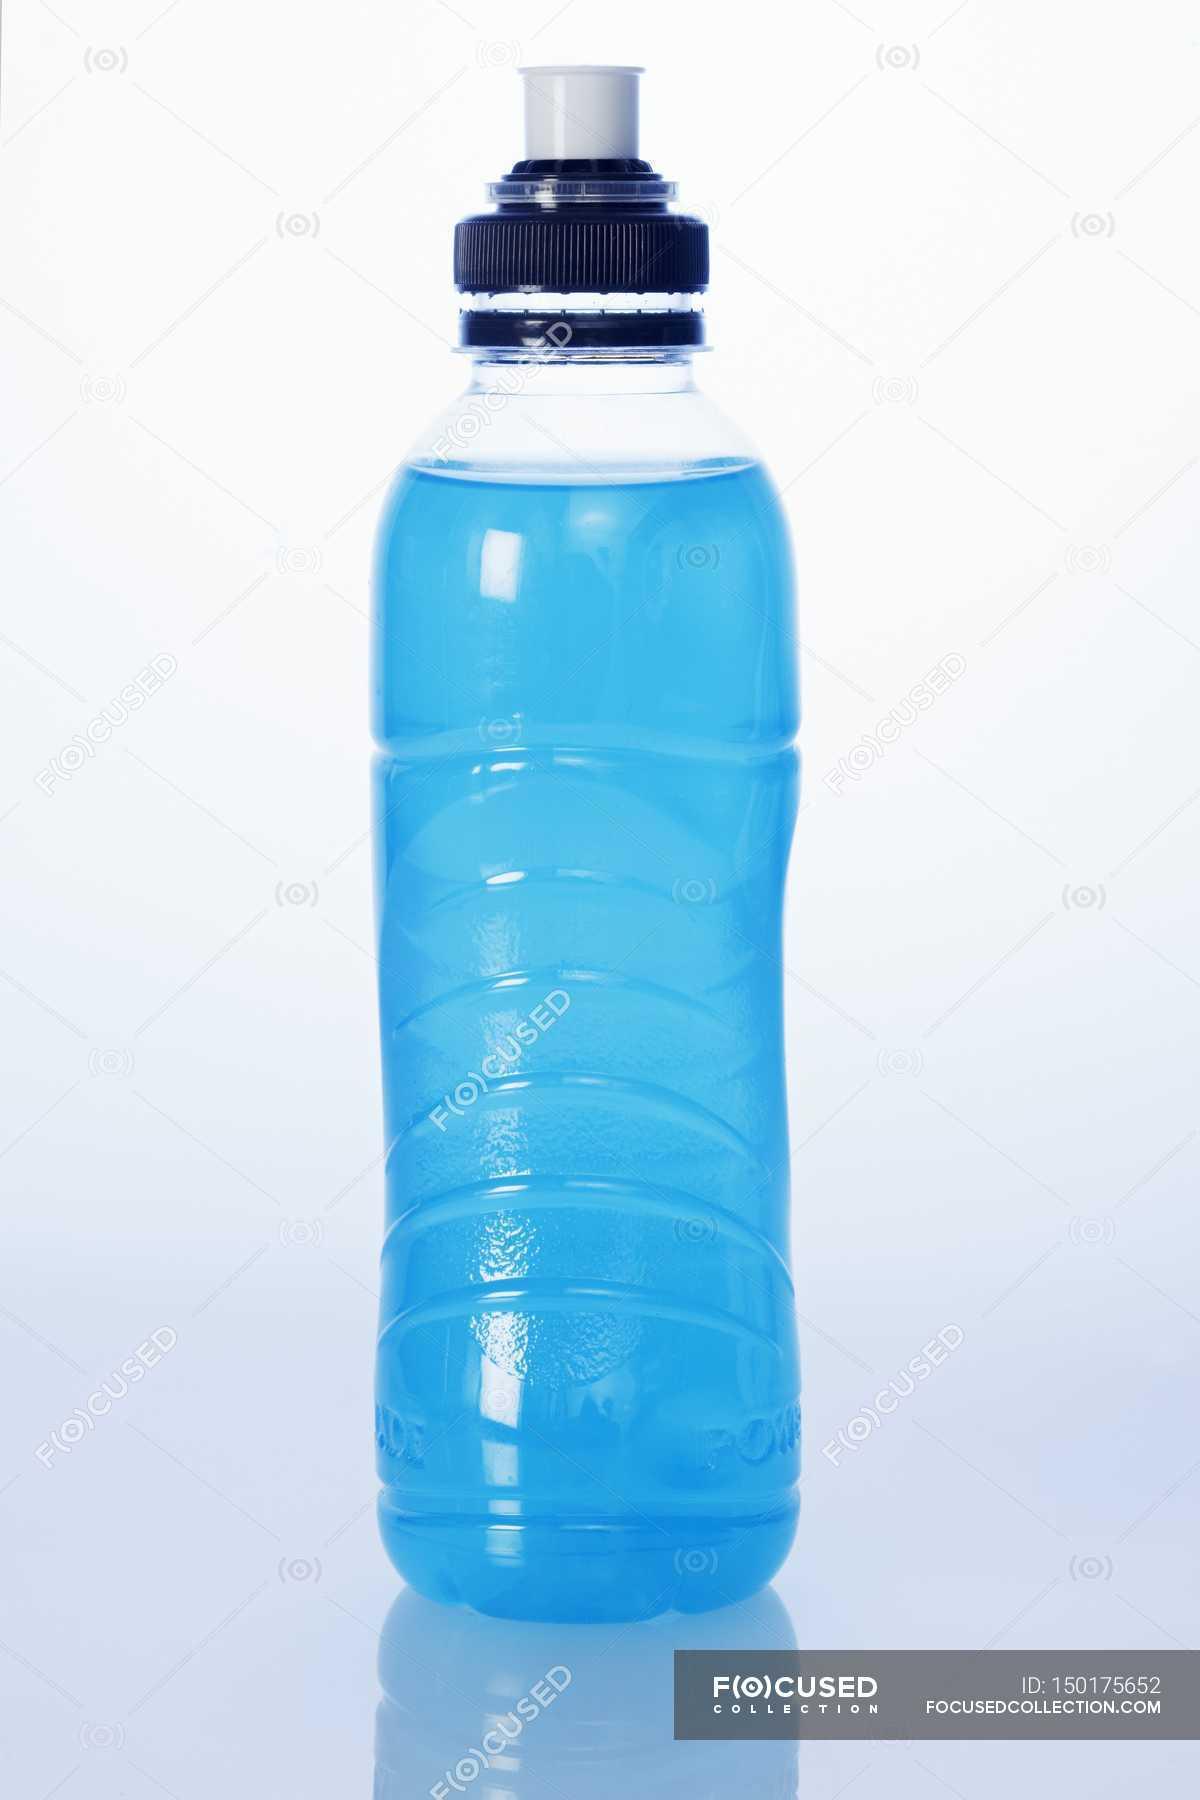 картинки энергетиков в пластиковых бутылках прекрасное